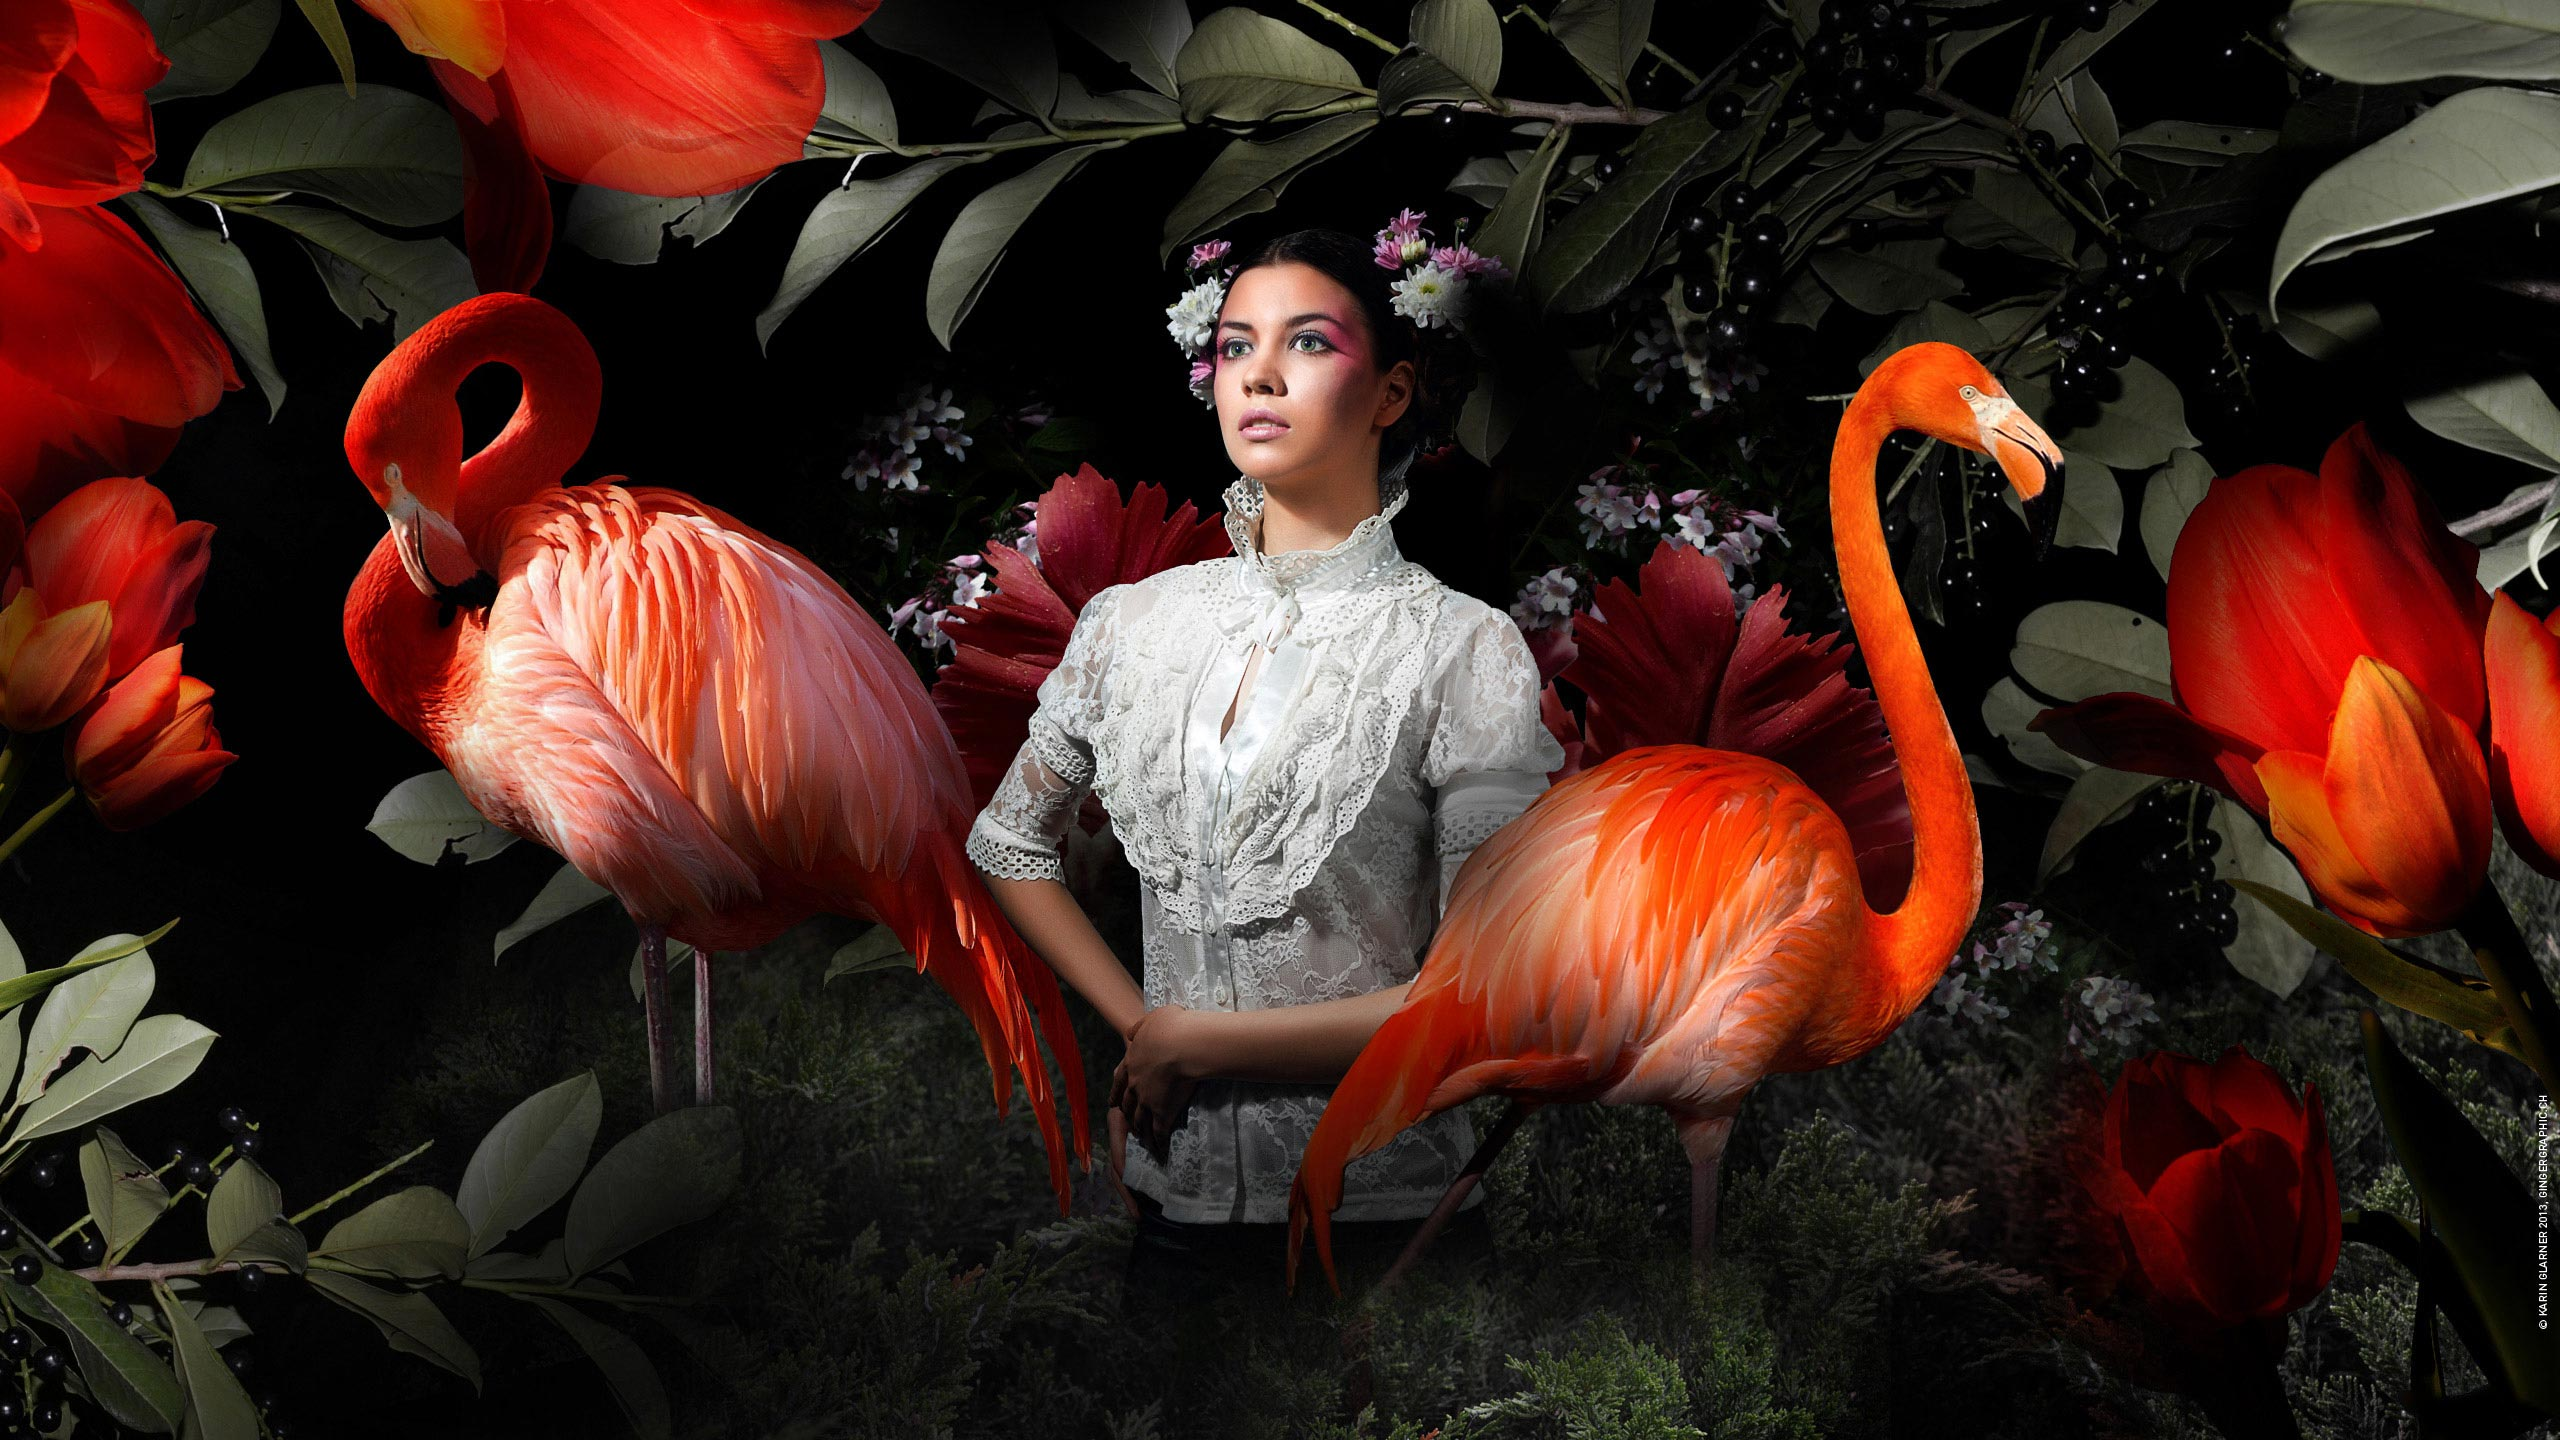 a21_flamingo_ginger_copyrightkglarner_